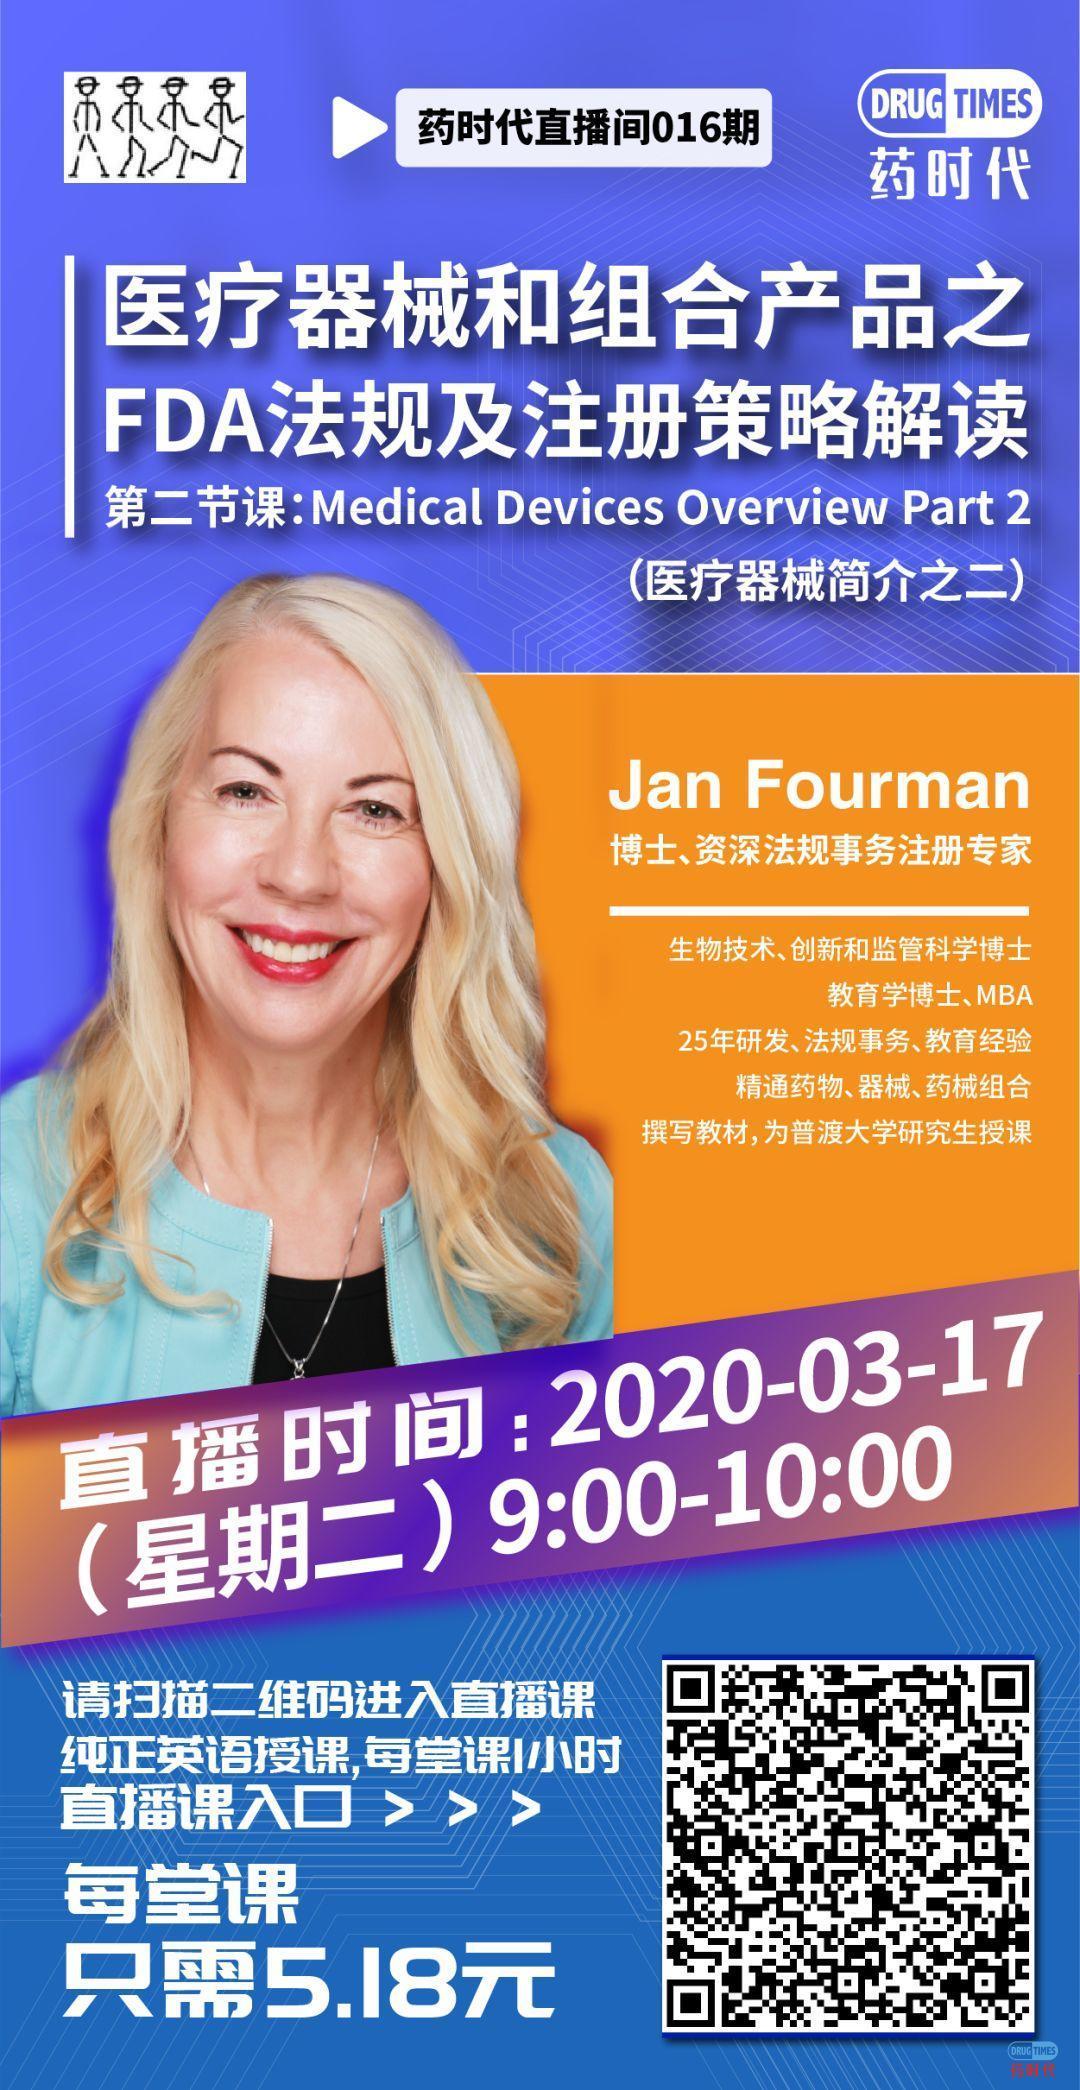 今天上午9点 Jan Fourman博士主讲医疗器械和组合产品之FDA法规及注册策略解读第二节课——医疗器械简介之二